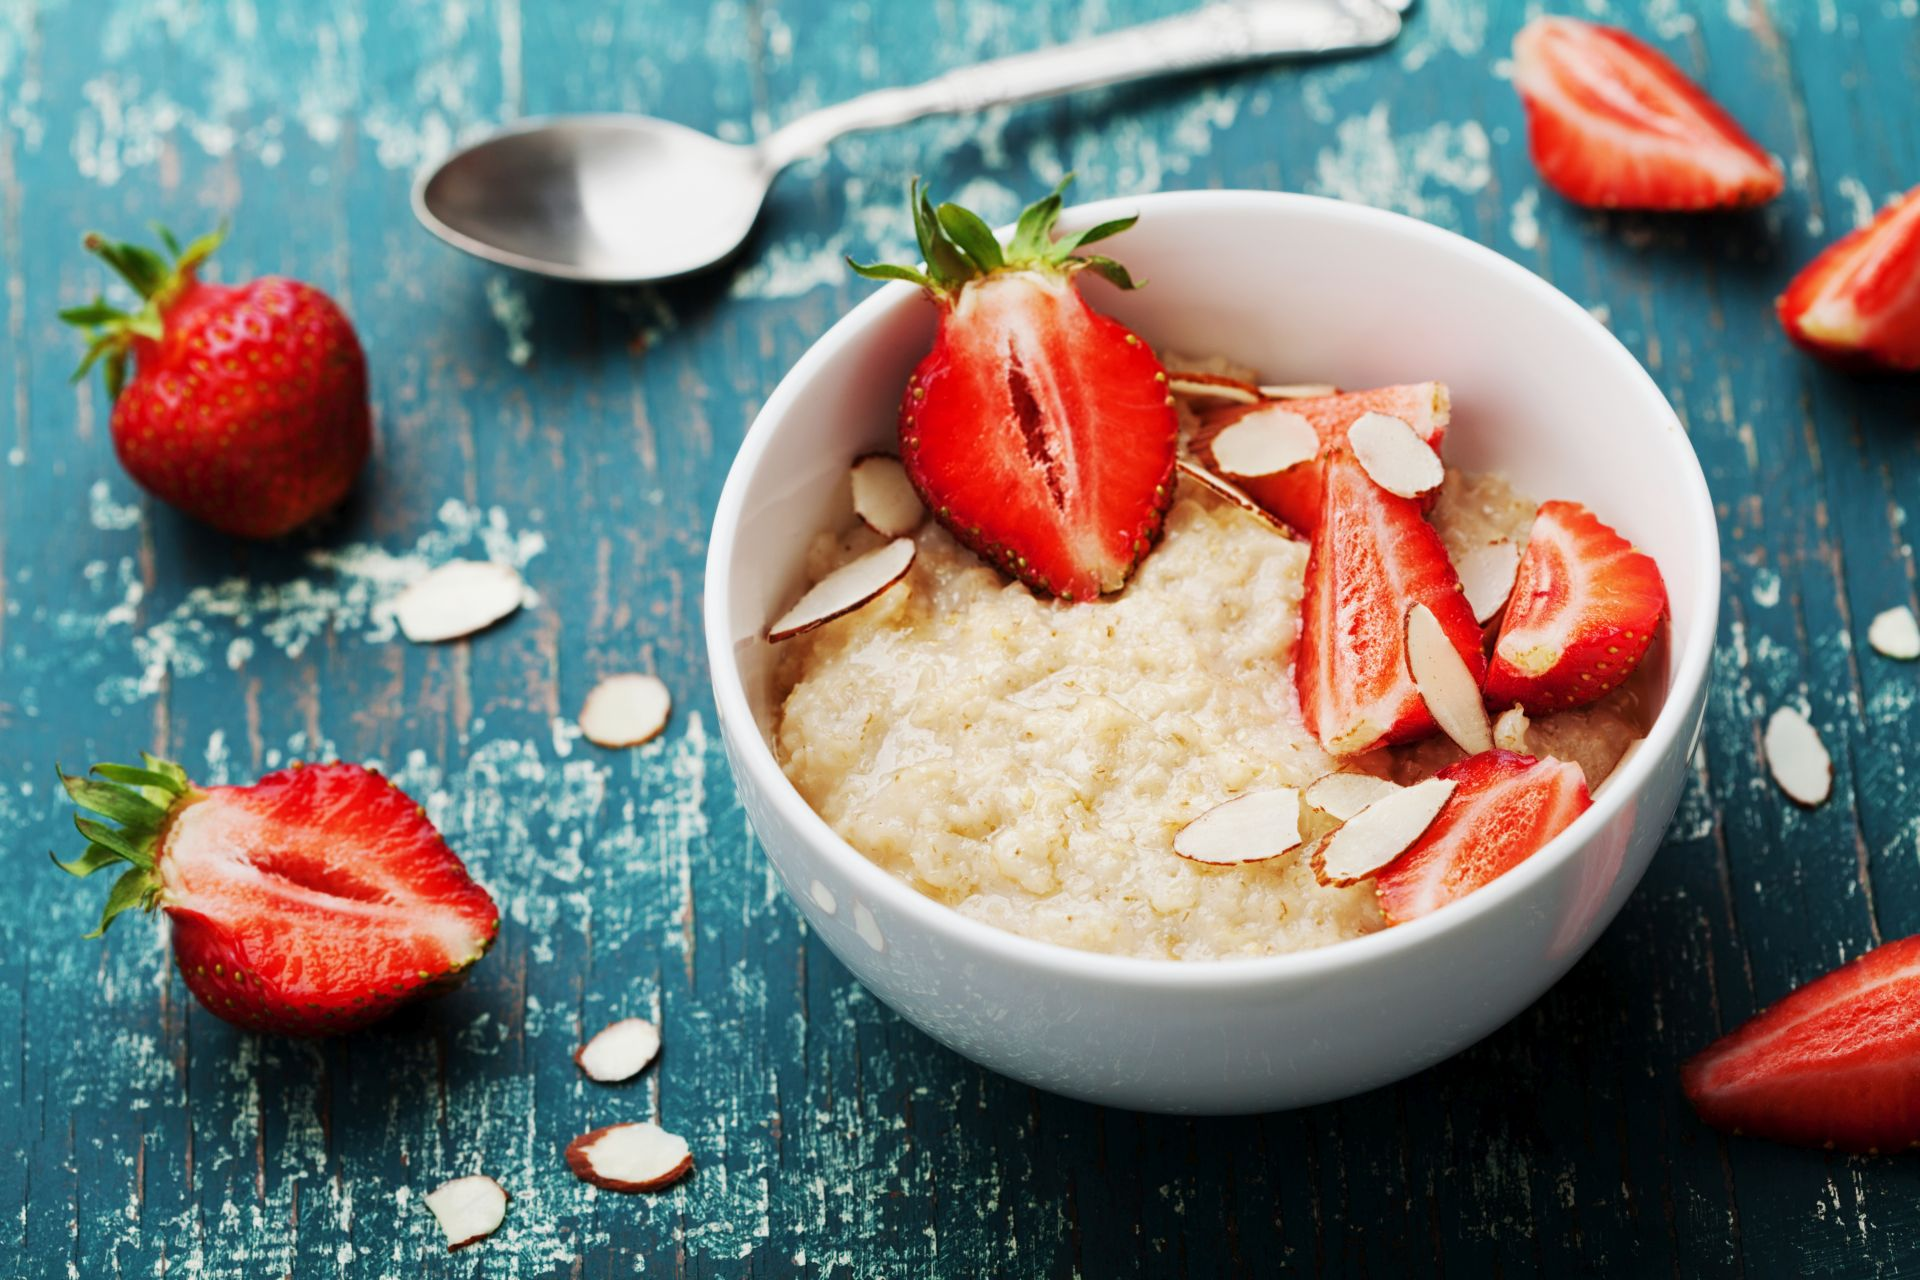 Owsianka z truskawkami to sposób na zdrowe śniadanie - zawartość witaminy C i antyoksydantów w truskawkach pomaga zapobiegać miażdżycy, zakrzepom, wysokiemu poziomowi cholesterolu oraz wzmacniać odporność.